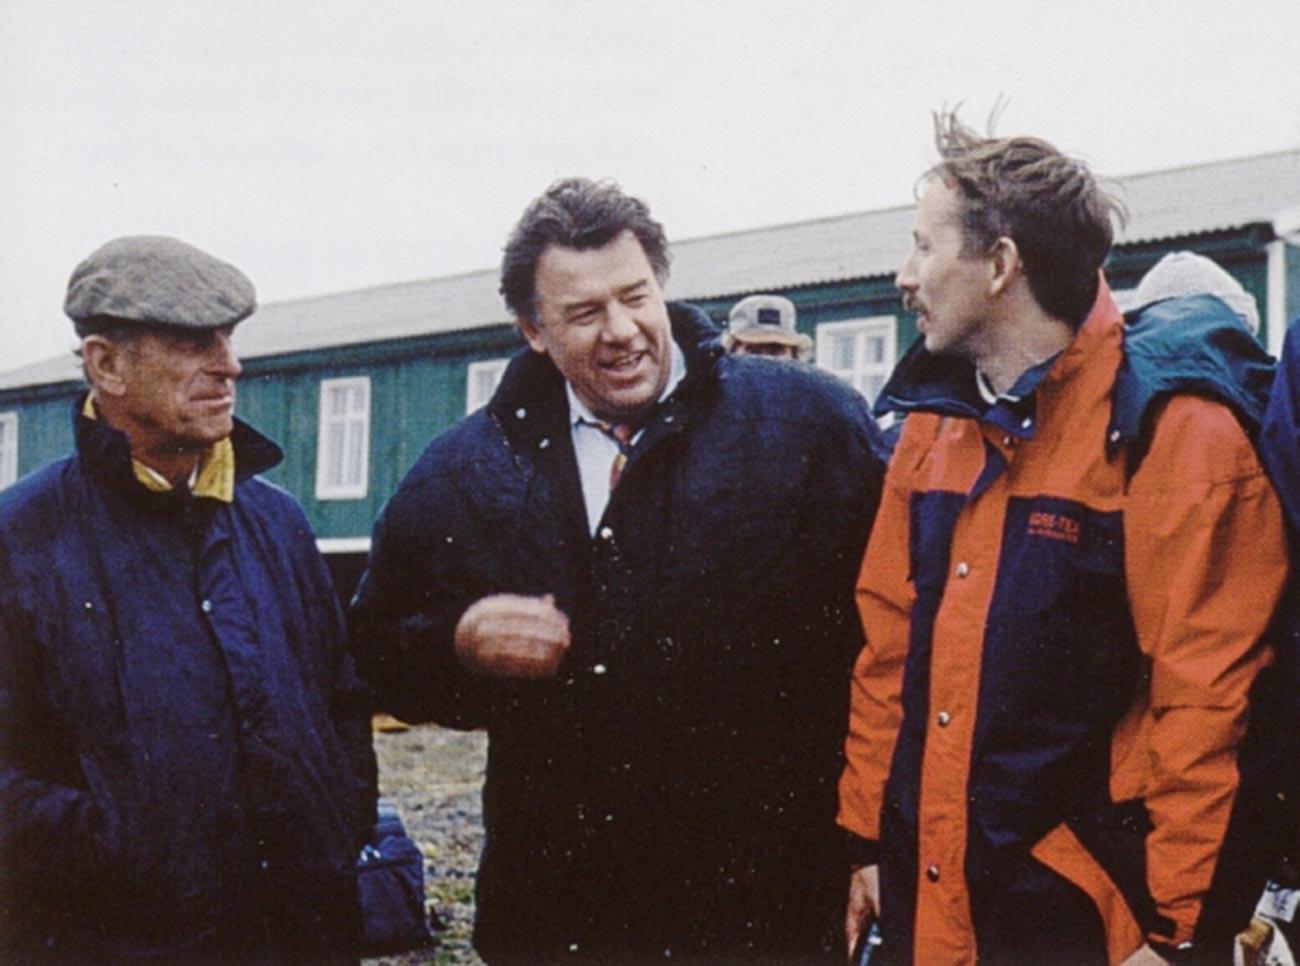 Prinz Philip (v.l) und Wiktor Nikiforow (v.r). Nikiforow arbeitet derzeit als Naturschutzdirektor beim Tigrus Conservation Fund.